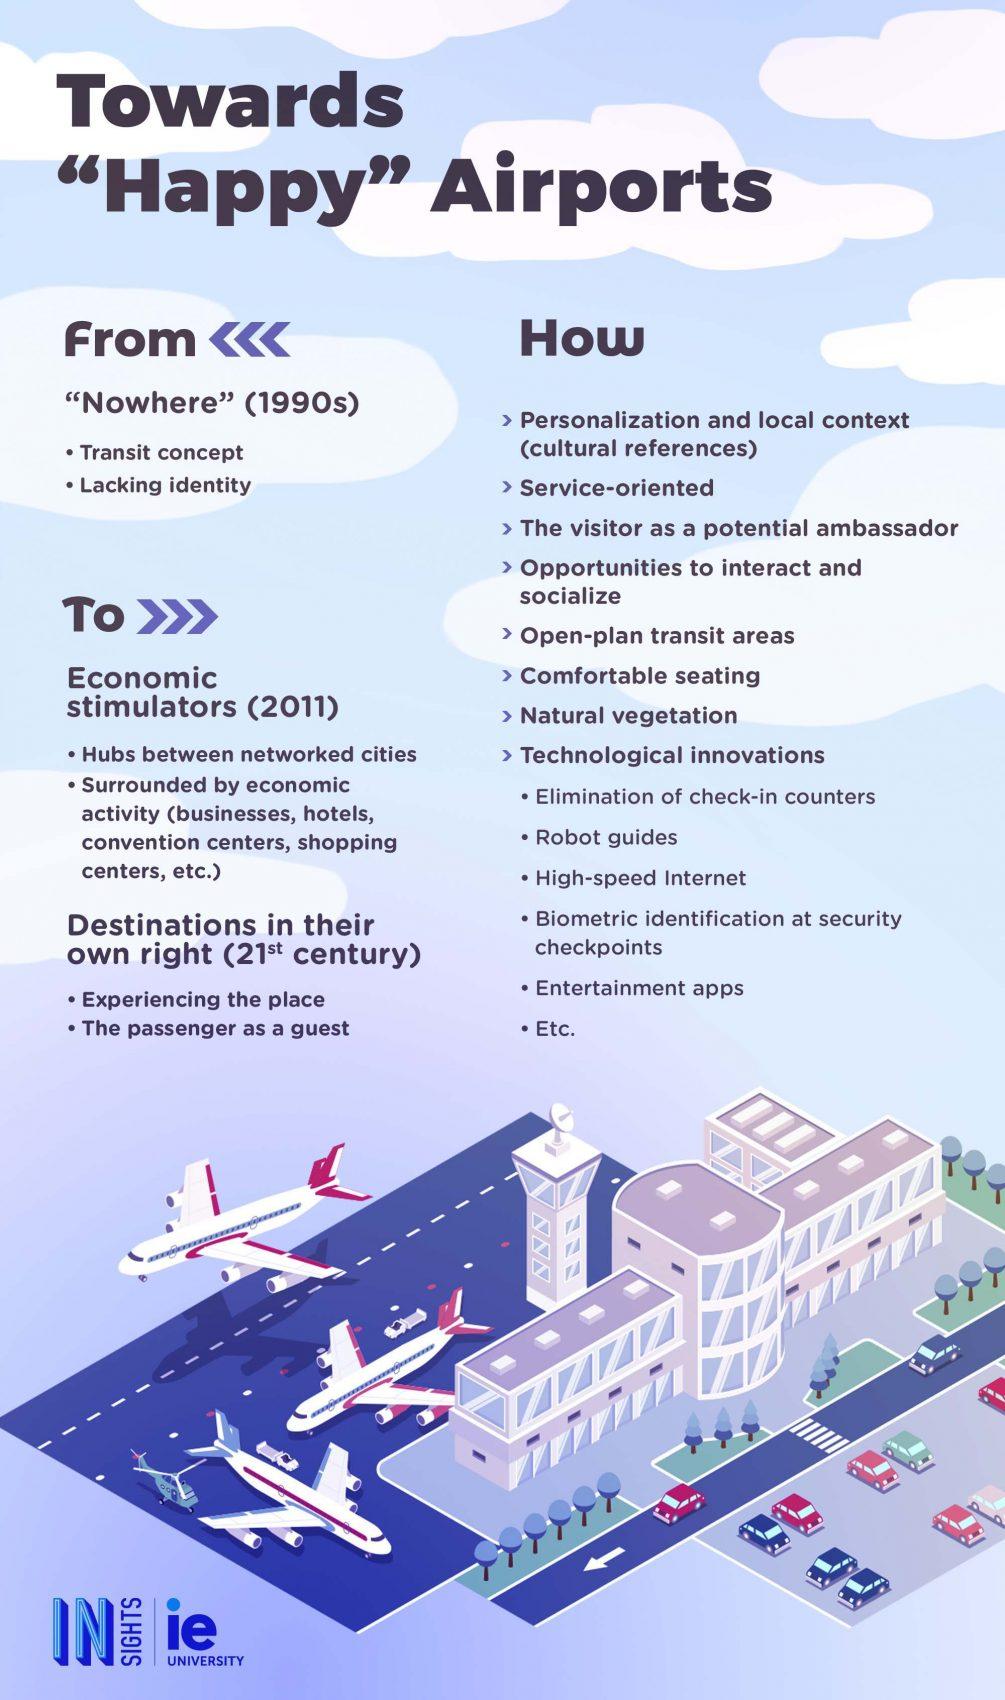 Infografia Hacia el aeropuerto feliz eng